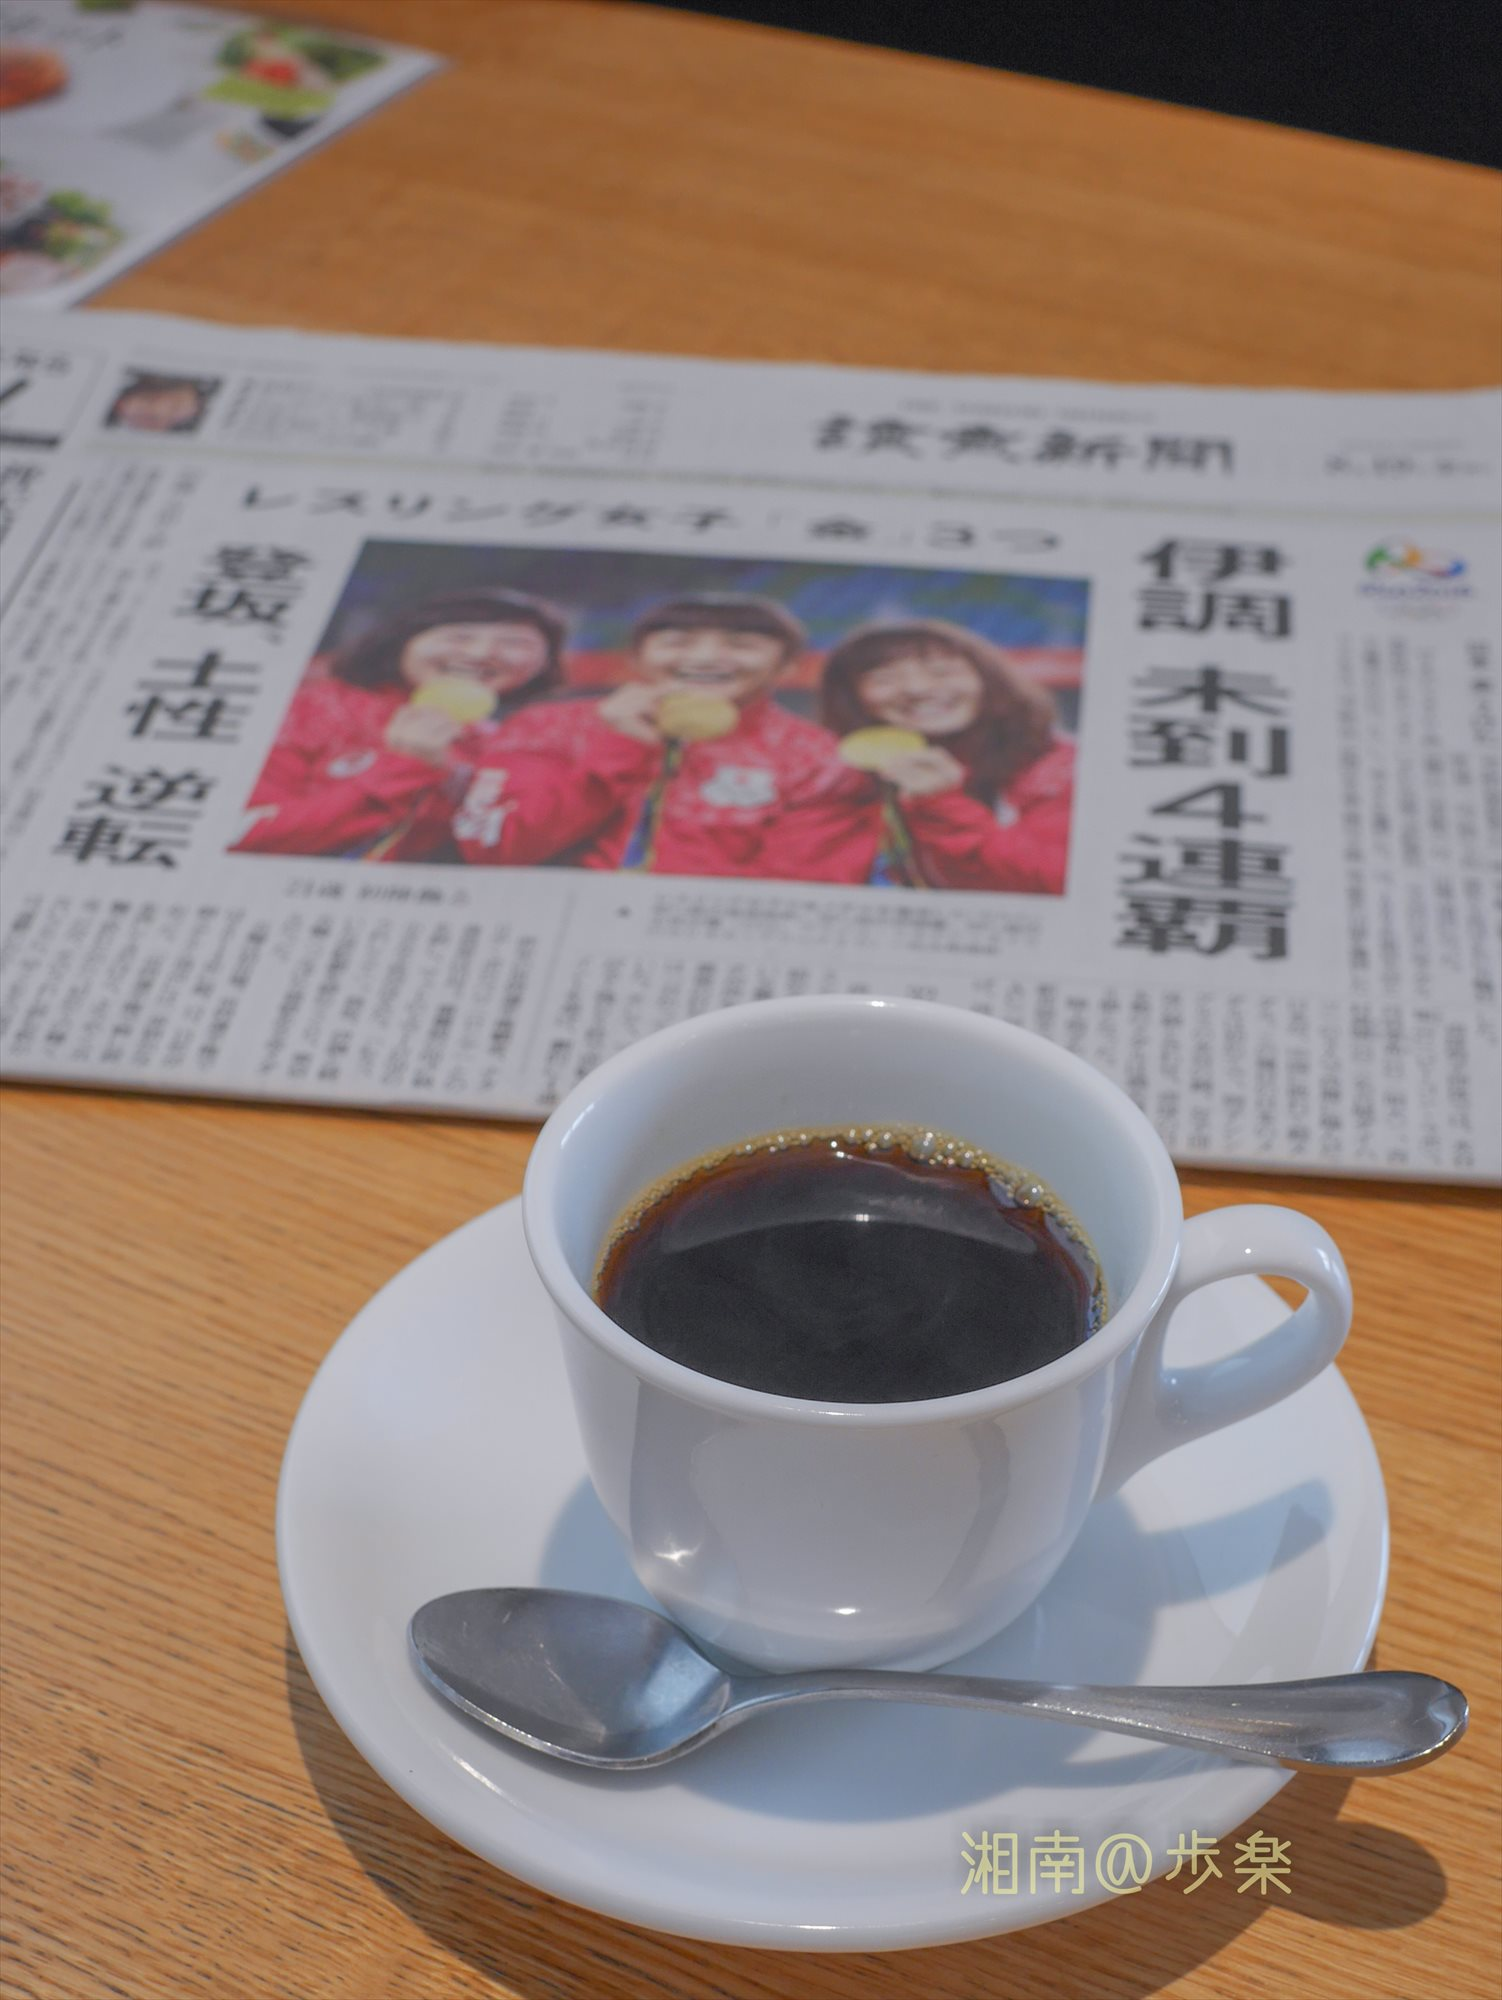 口当たりの良い珈琲と新聞サービスに感謝